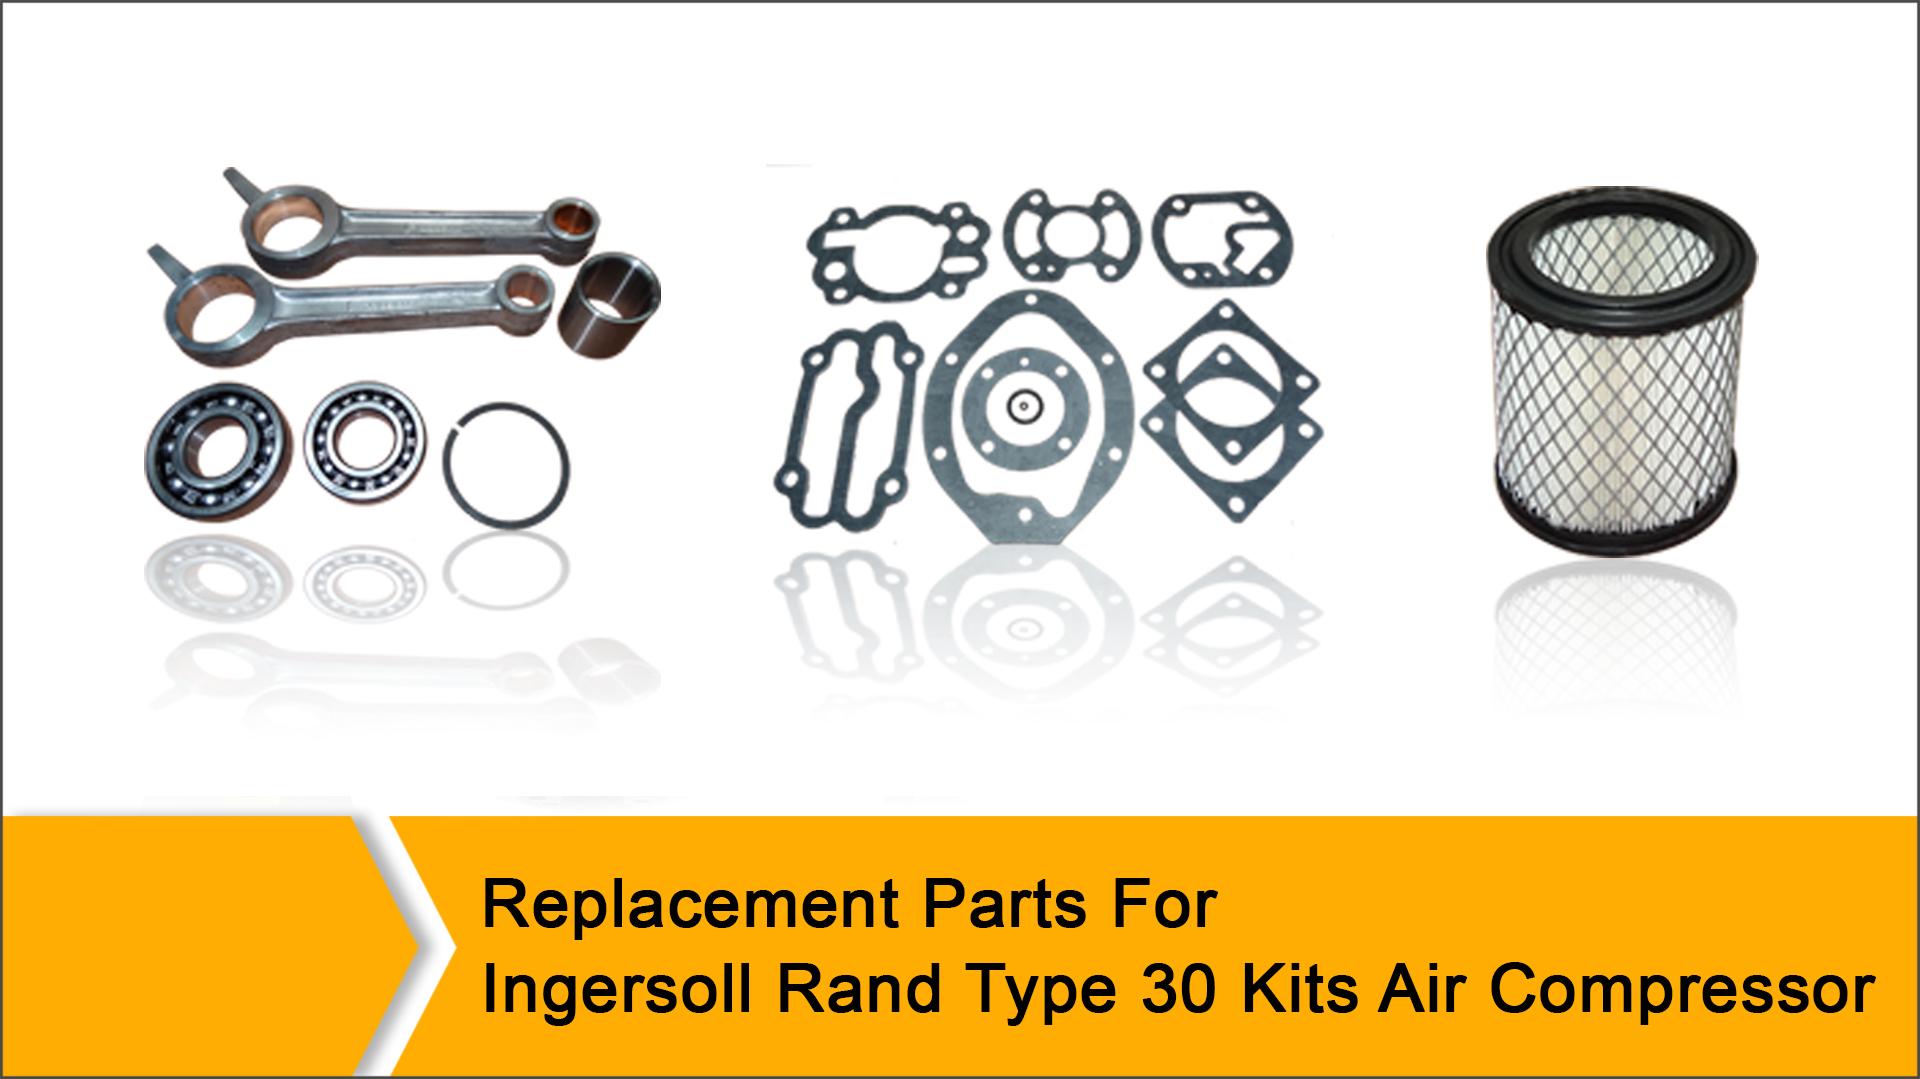 Pi ces de rechange pour compresseur d 39 air - Pieces detachees compresseur d air ...